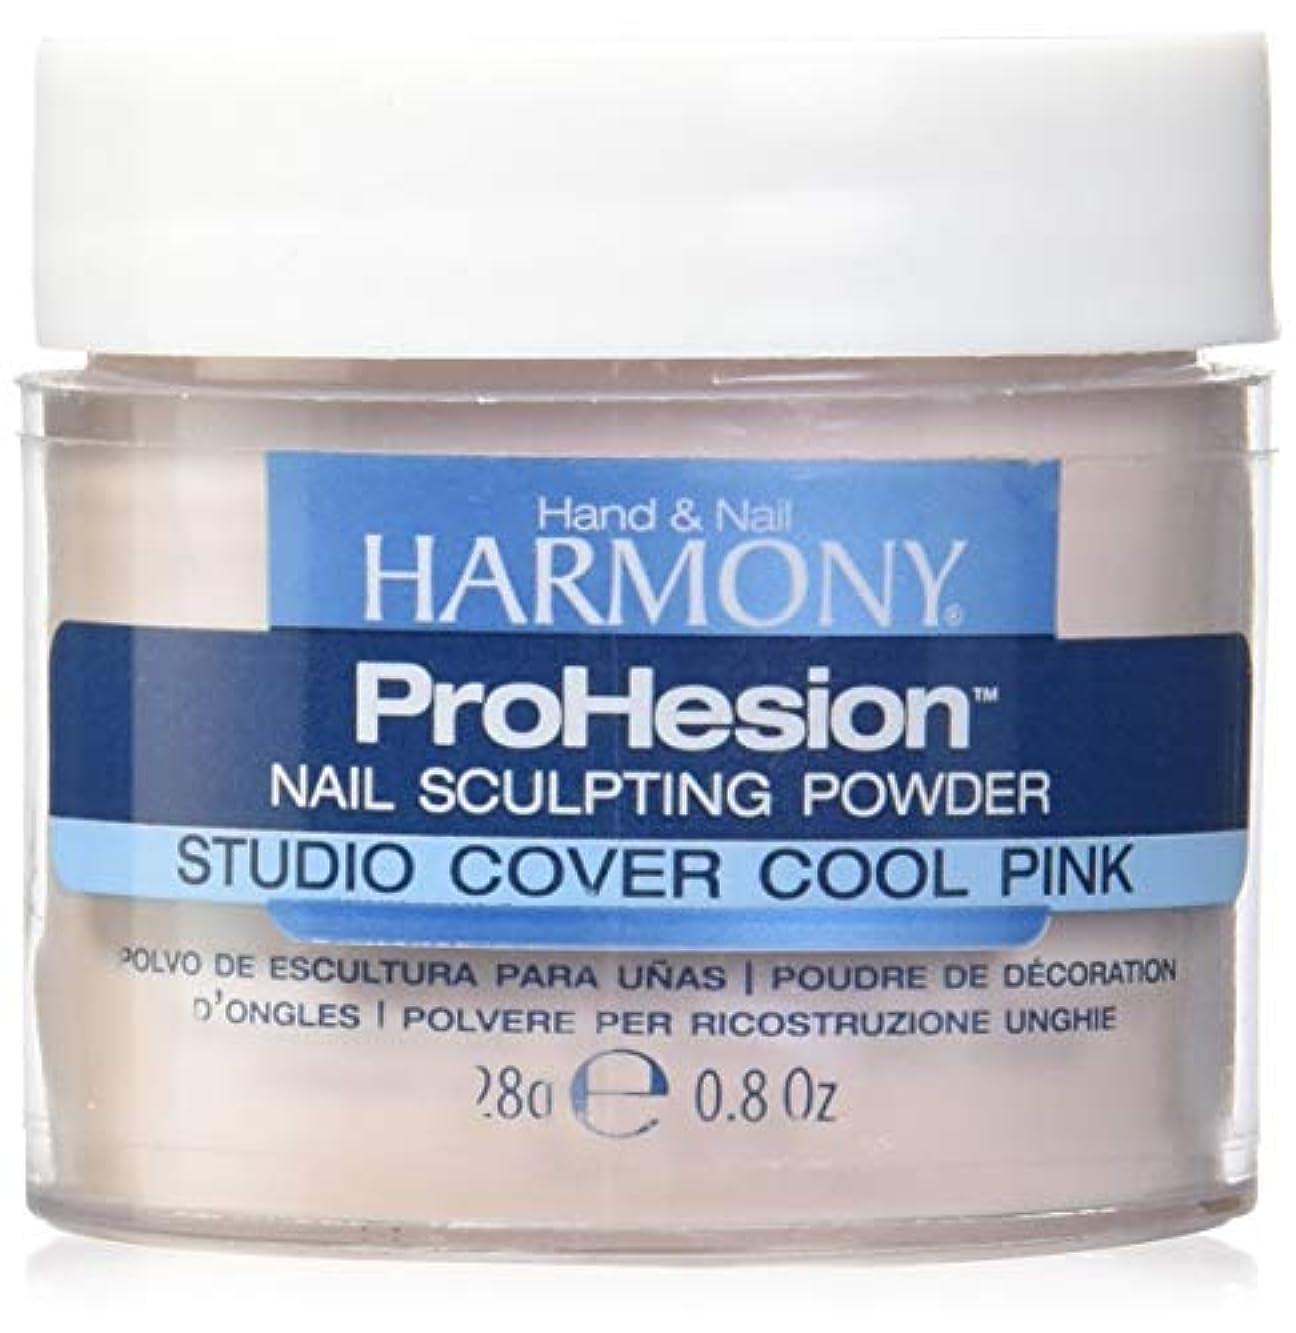 写真の海軍一掃するHarmony Prohesion Sculpting Powder - Studio Cover Cool Pink - 0.8oz / 28g